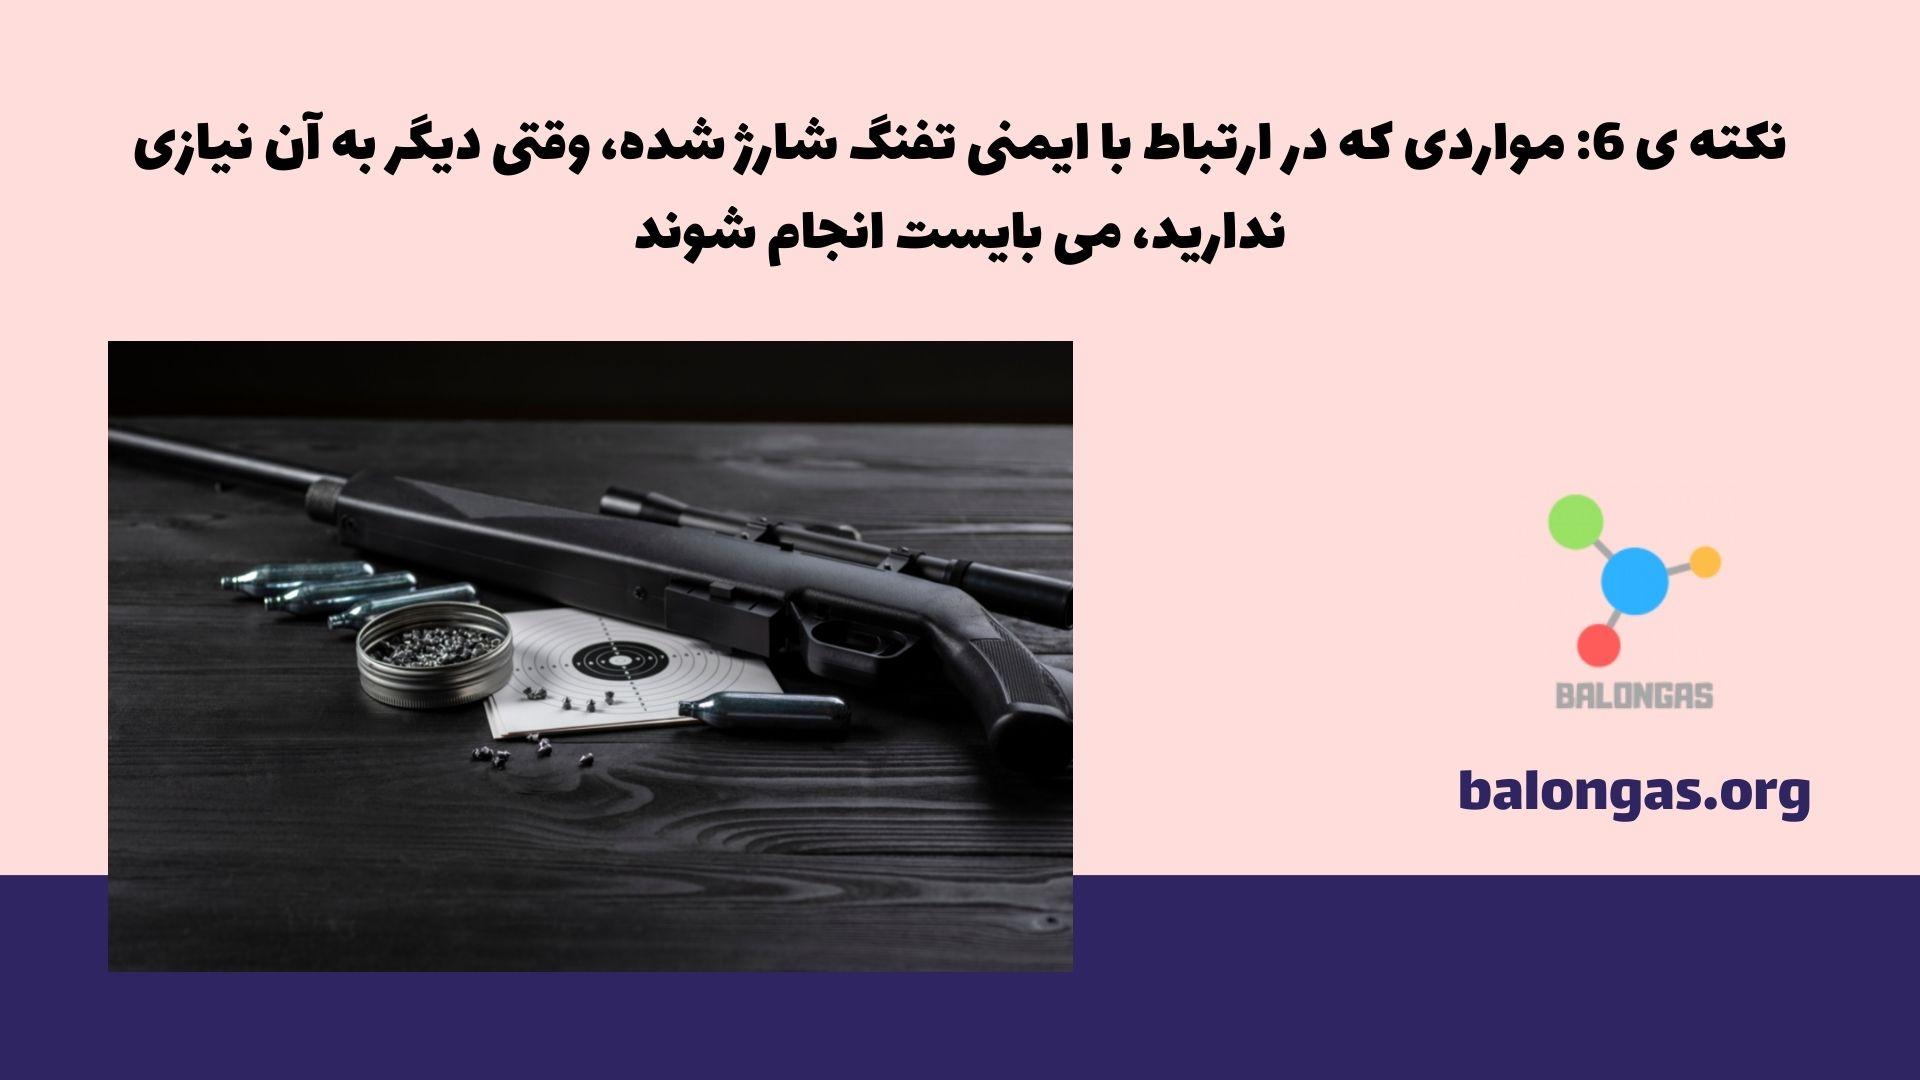 نکته ی 6: مواردی که در ارتباط با ایمنی تفنگ شارژ شده، وقتی دیگر به آن نیازی ندارید، می بایست انجام شوند